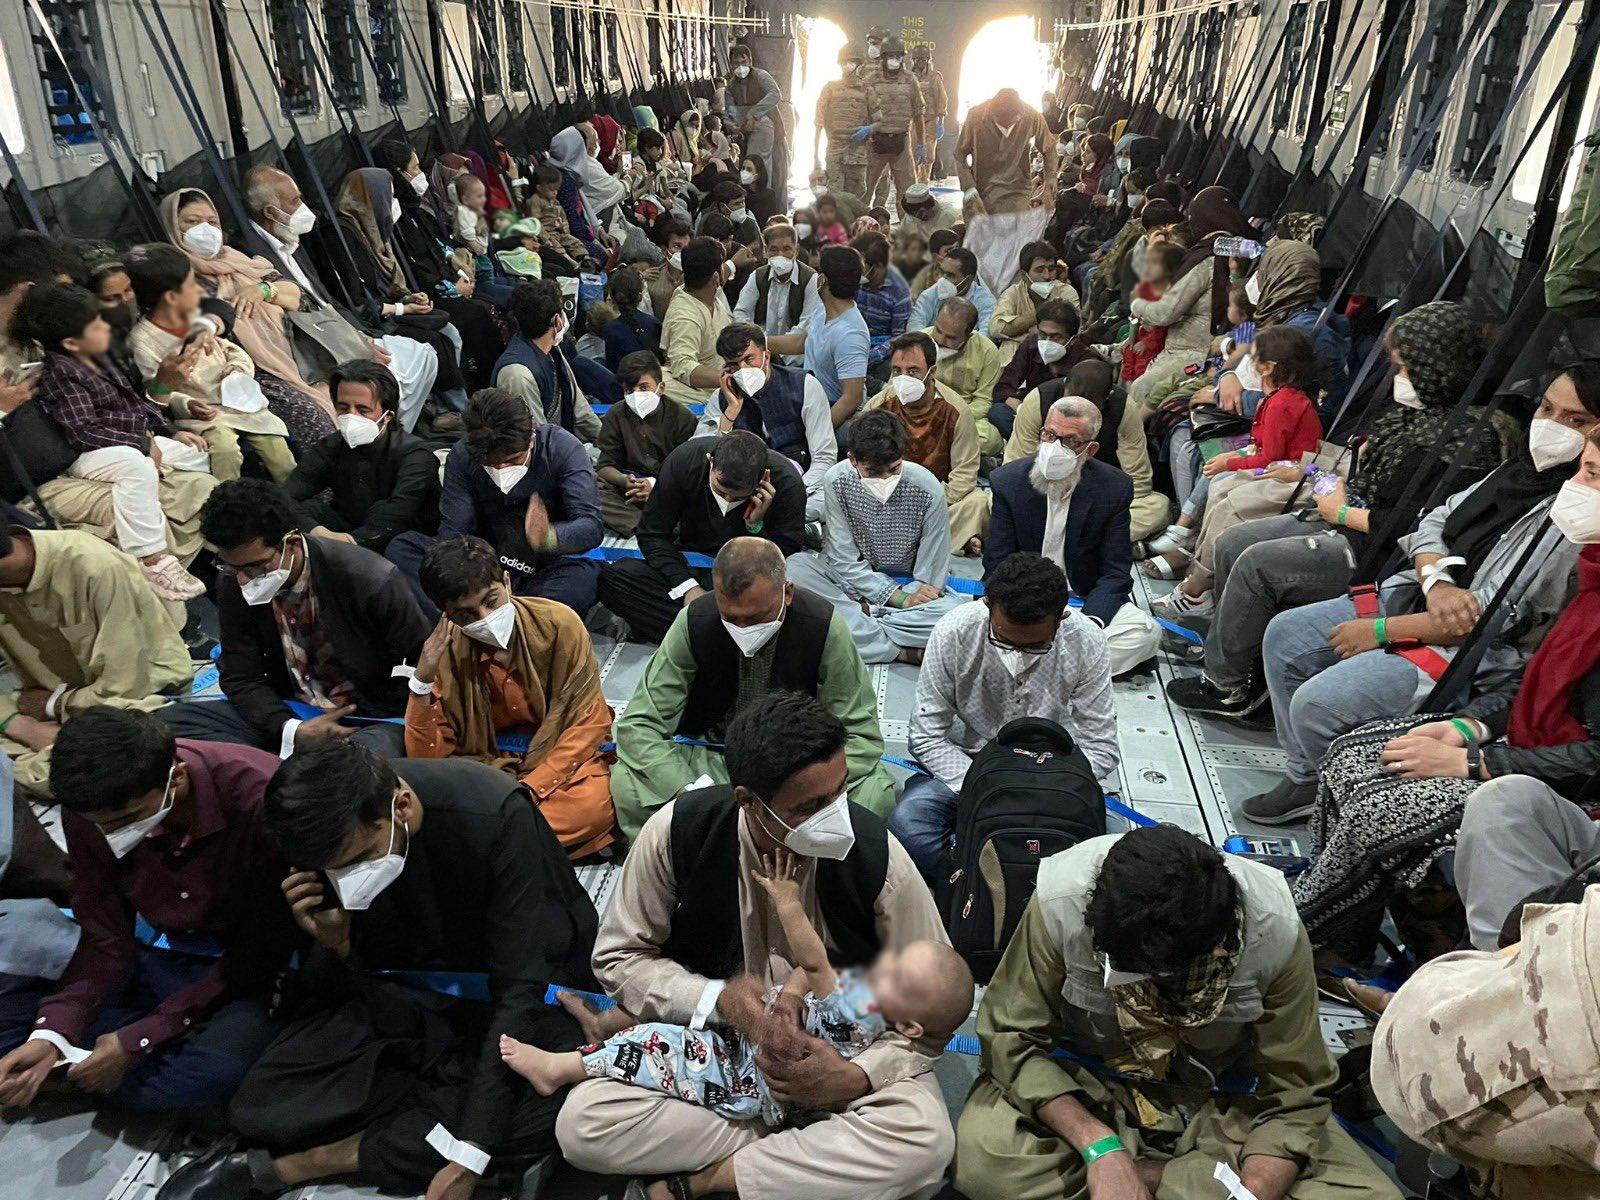 L'interior d'un avió de l'exèrcit espanyol ple de persones que marxen de l'Afganistan / ACN